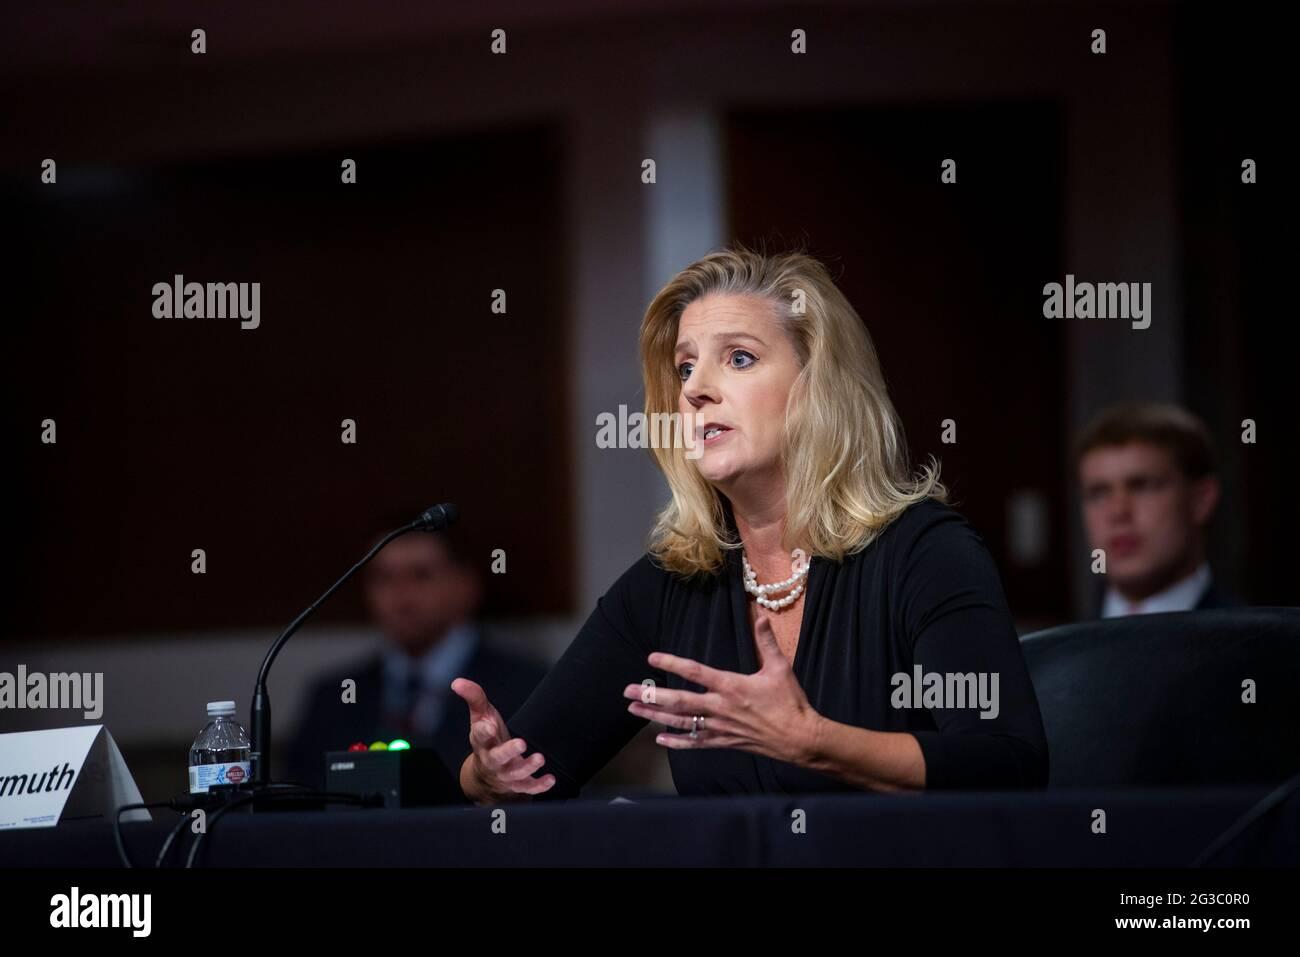 La secrétaire de l'Armée de terre, Christine Wormuth, comparaît devant une audience du Comité sénatorial des services armés pour examiner la position du ministère de l'Armée de terre à l'examen de la demande d'autorisation de défense pour l'exercice 2022 et les années à venir Programme de défense, dans l'édifice Dirksen du Bureau du Sénat à Washington, DC, le mardi 15 juin 2021. Crédit : Rod Lamkey/CNP/MediaPunch Banque D'Images